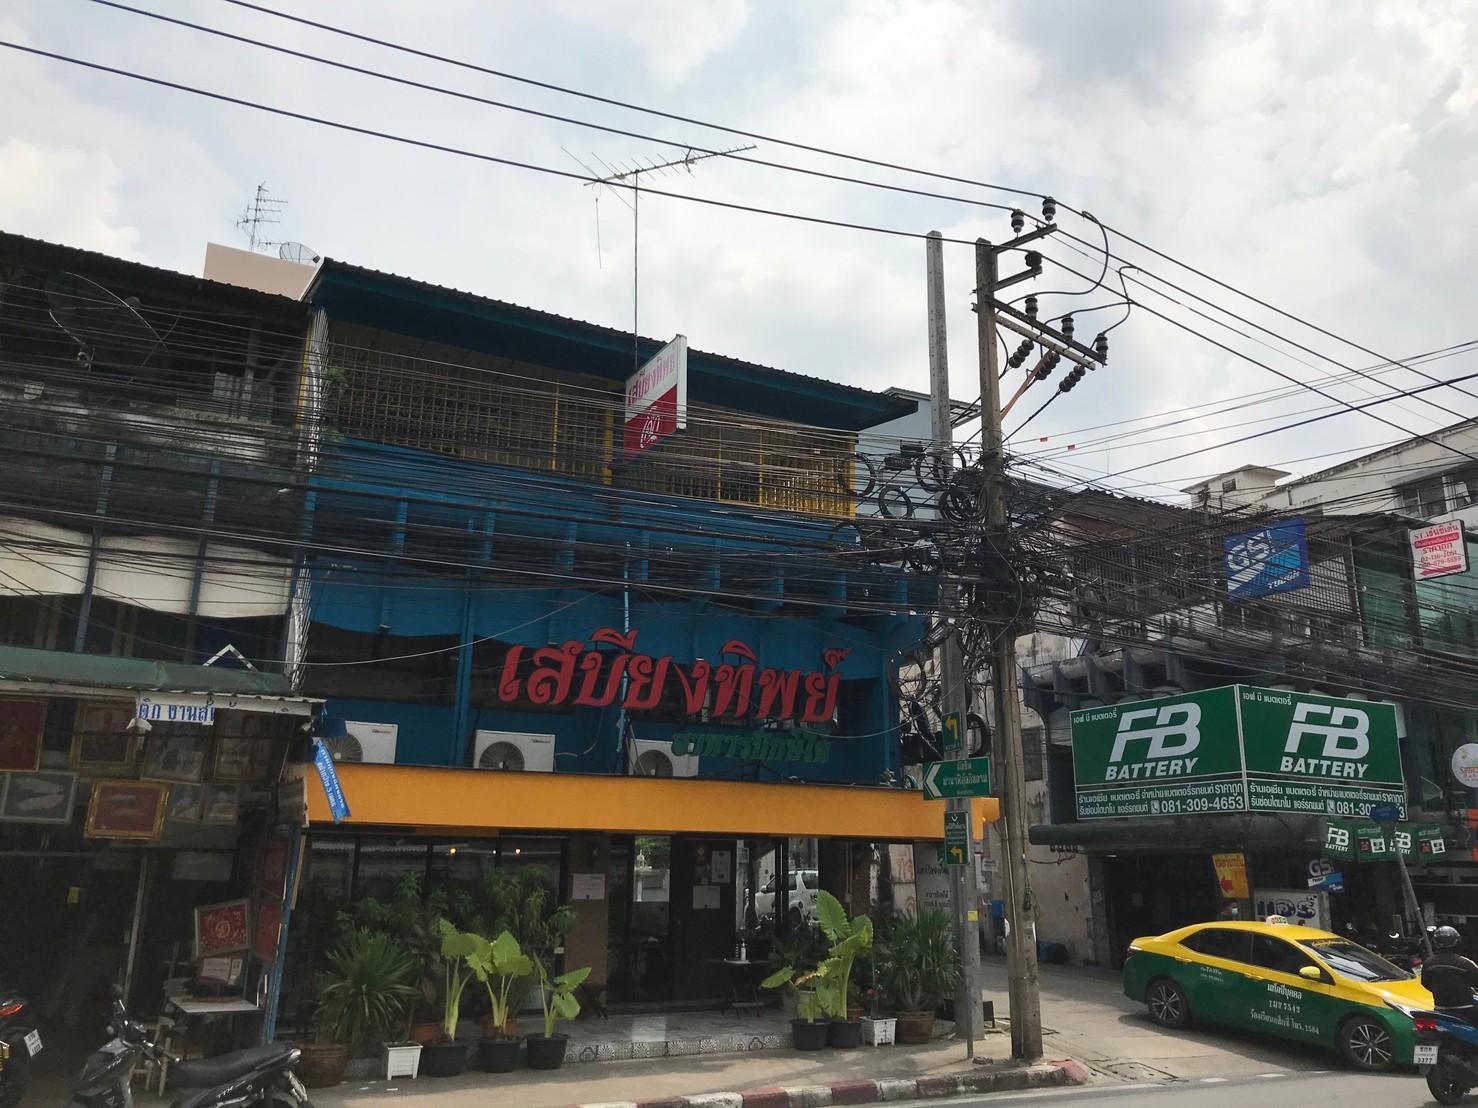 ขายอาคารพาณิชย์ 2 ห้อง เป็นร้านอาหาร ติดถนนใหญ่ ทำเลทอง บางกะปิ กรุงเทพมหานคร